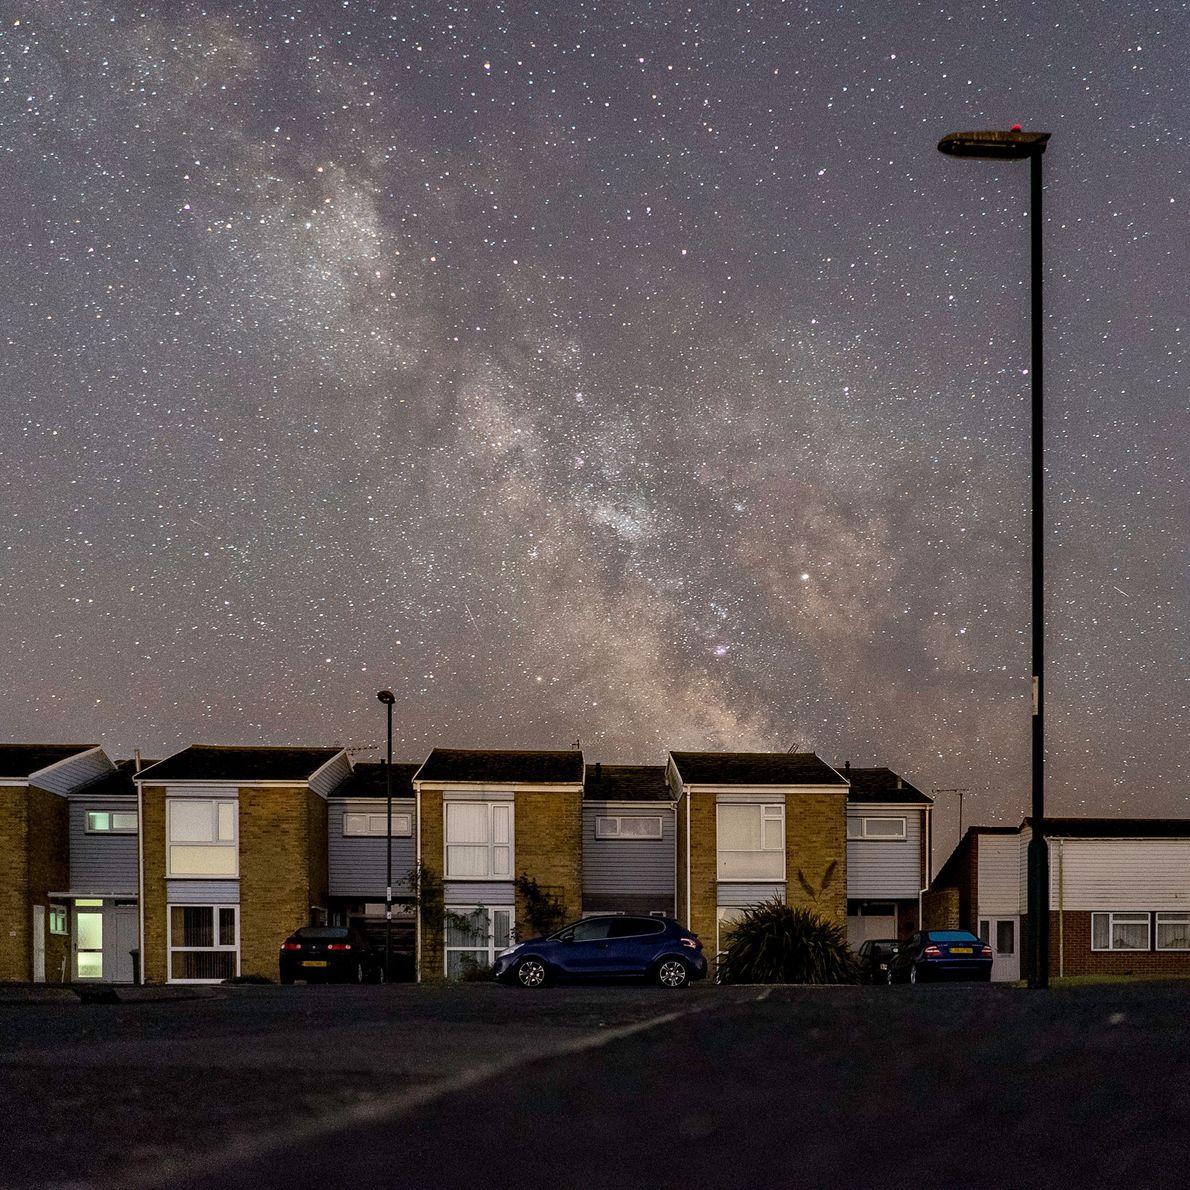 Postes de luz apagados revelam uma vista espetacular das estrelas sobre a vila costeira, Pagham, em ...